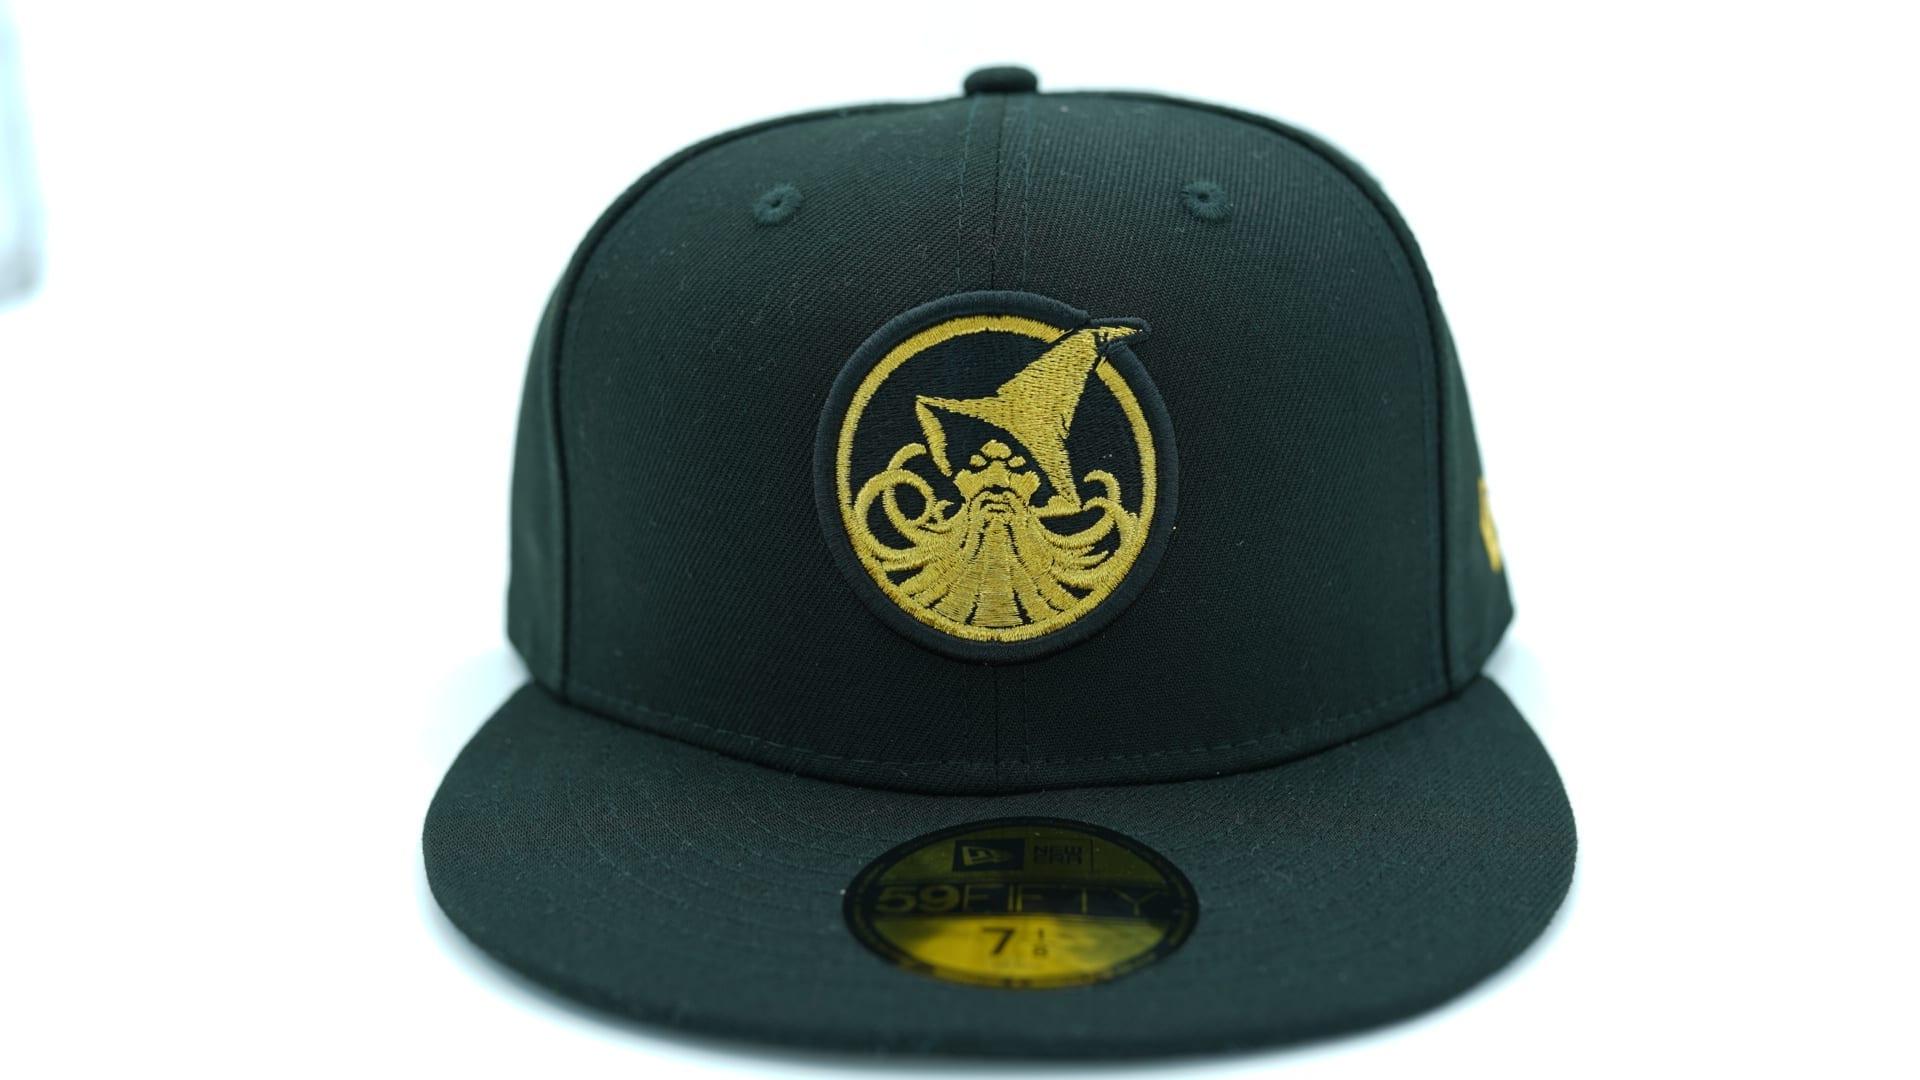 boston celtics champions pin 59fifty fitted baseball cap new era nba